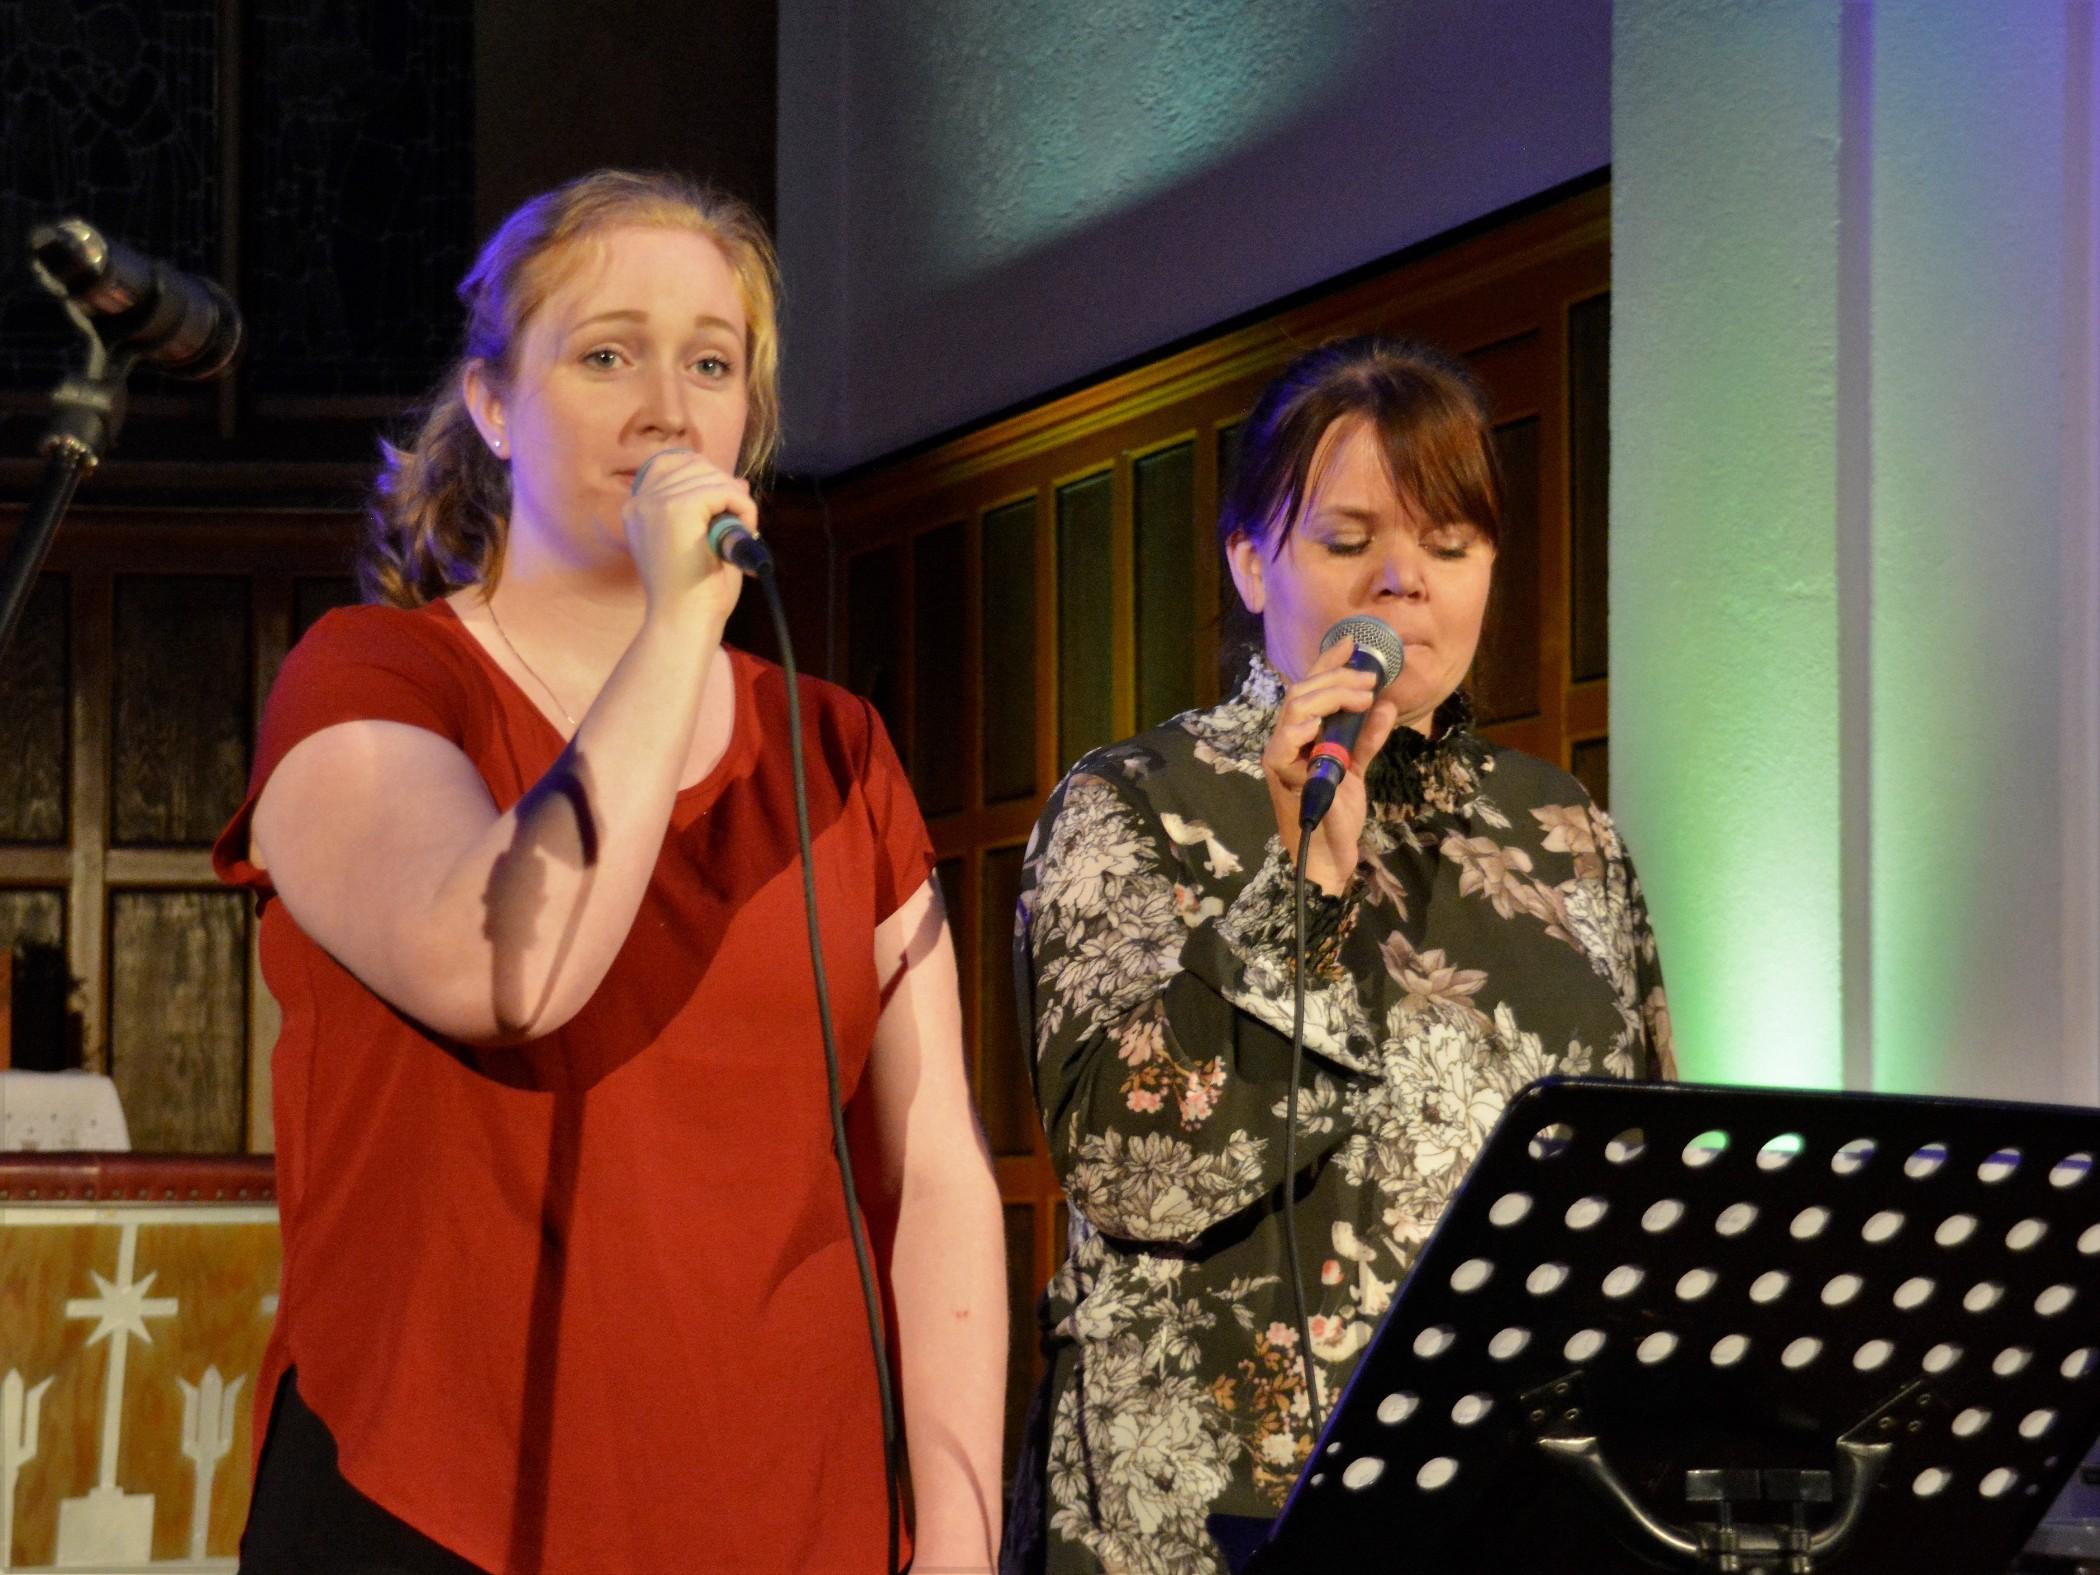 Sandra-Marie Bjørnset Sælemyr og Cathrine Hamre Tindeland imponerte igjen med sine duettar til musikk av Arene Tveit